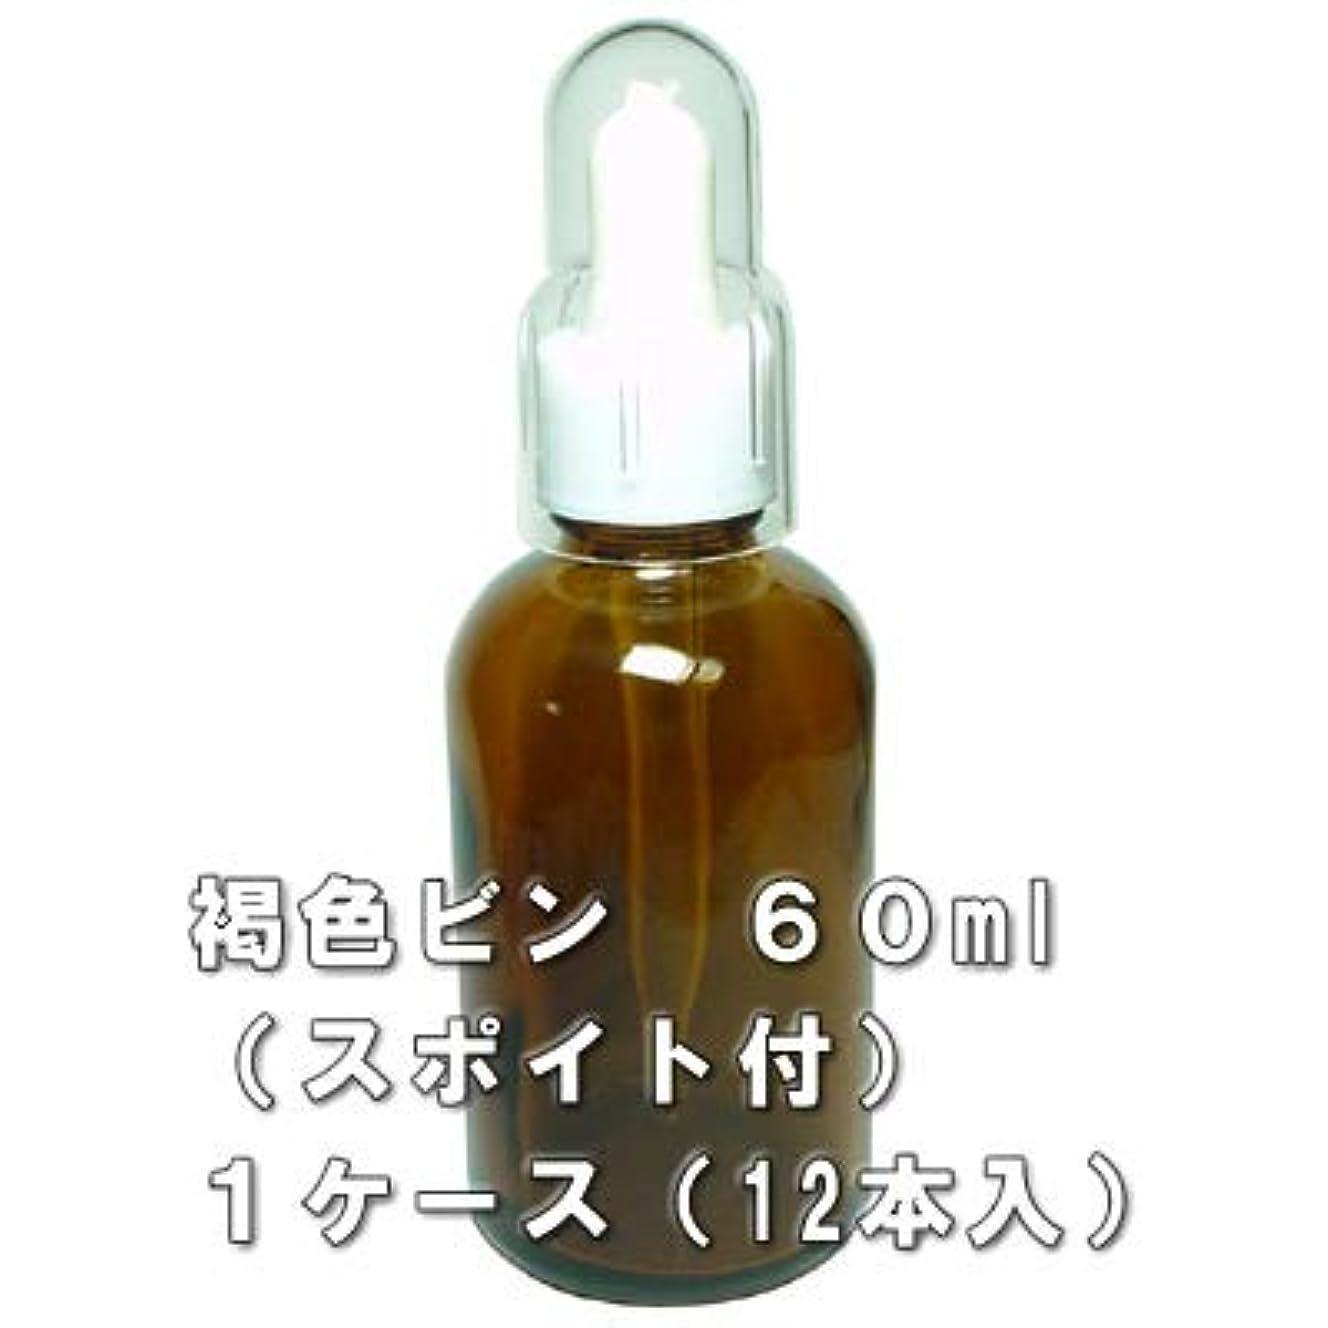 甘美な複雑でないブルスポイト付き遮光瓶 褐色びん 60ml 1ケース 12本入 アロマ保存容器